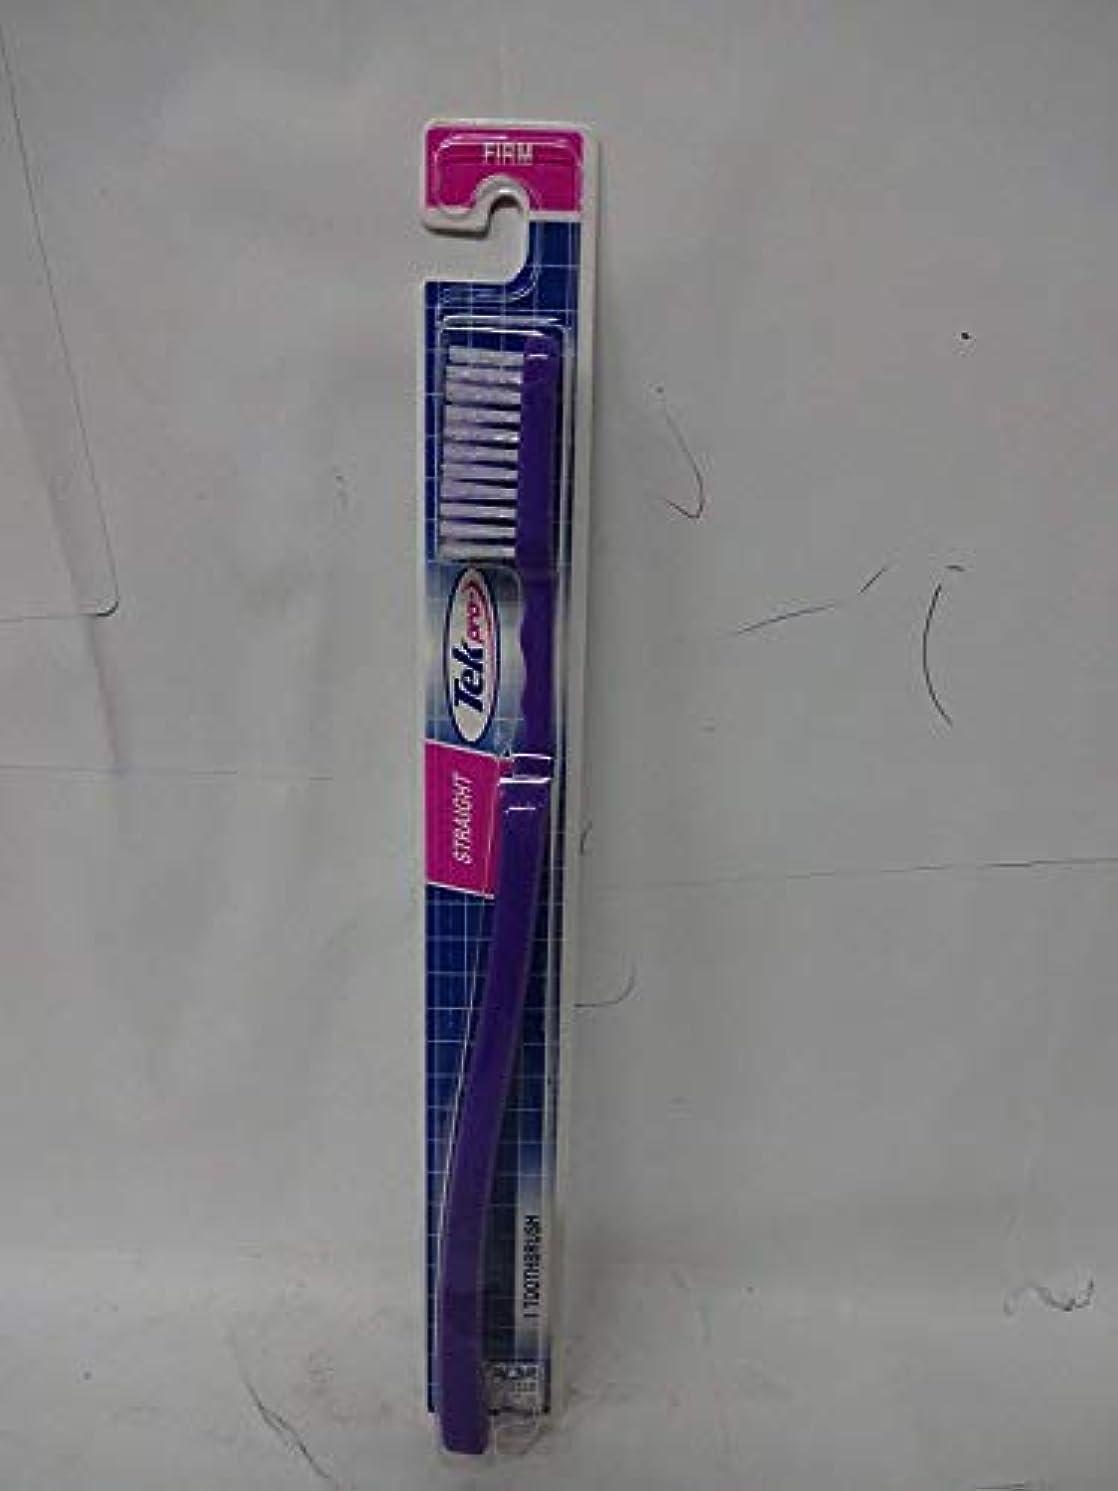 燃料カブかるTEK 歯ブラシの企業規模1CT歯ブラシ、12パック 12のパック